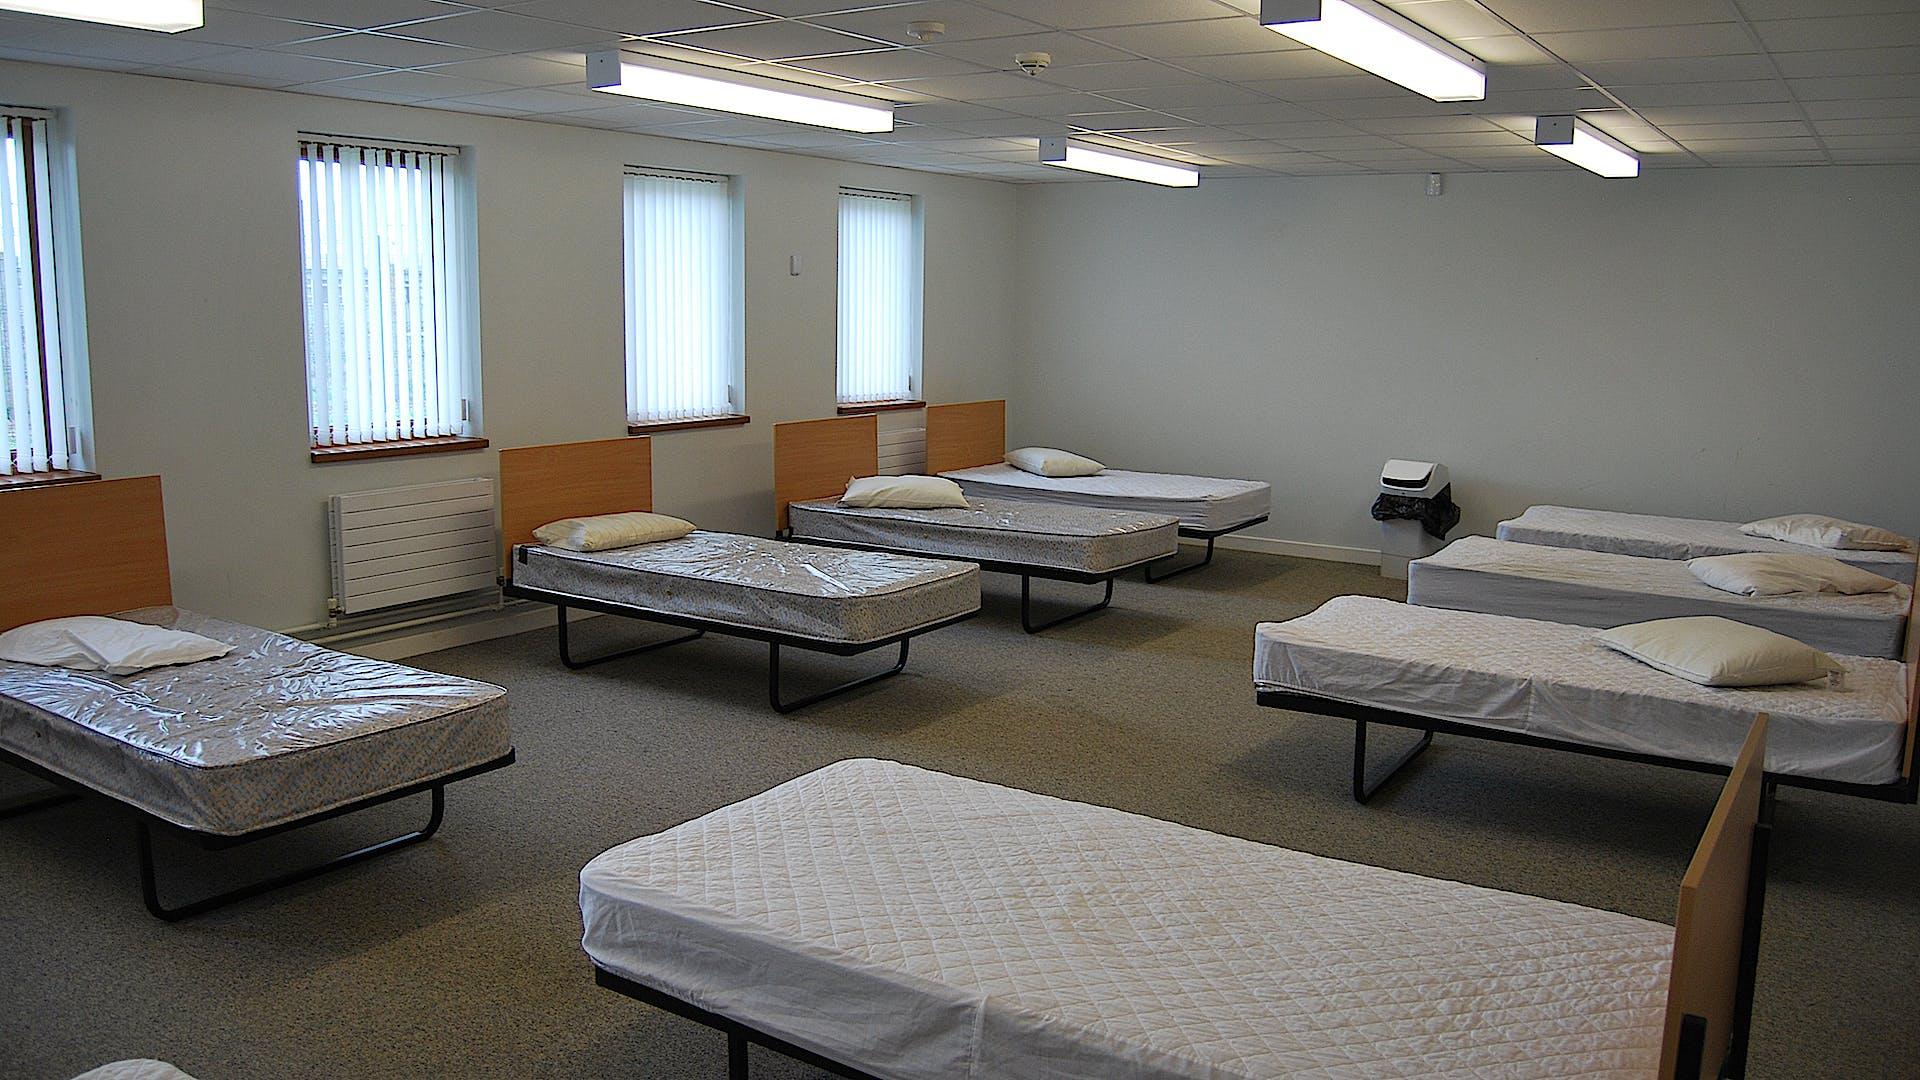 G25 FEMALE CADET 10 BED